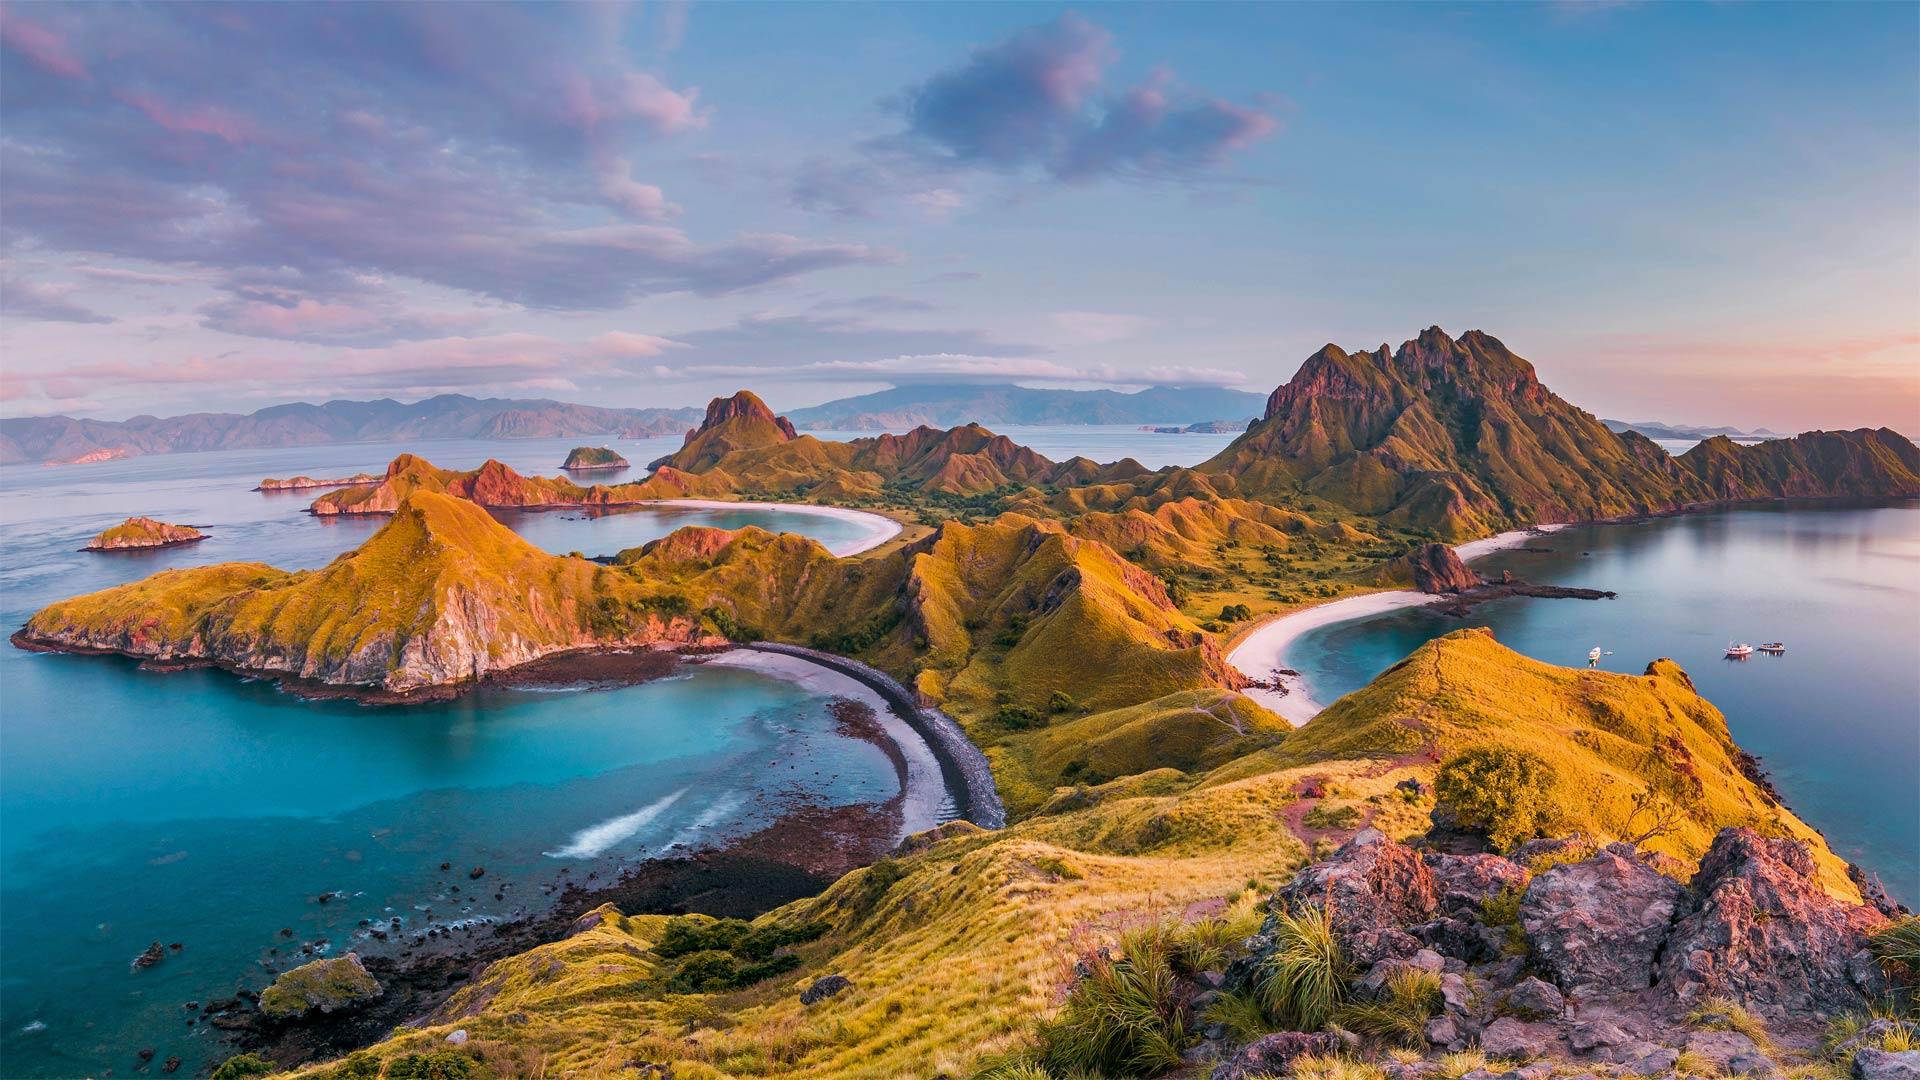 弗洛勒斯岛上的纳闽巴霍,印度尼西亚科莫多国家公园 (© Thrithot/Adobe Stock)